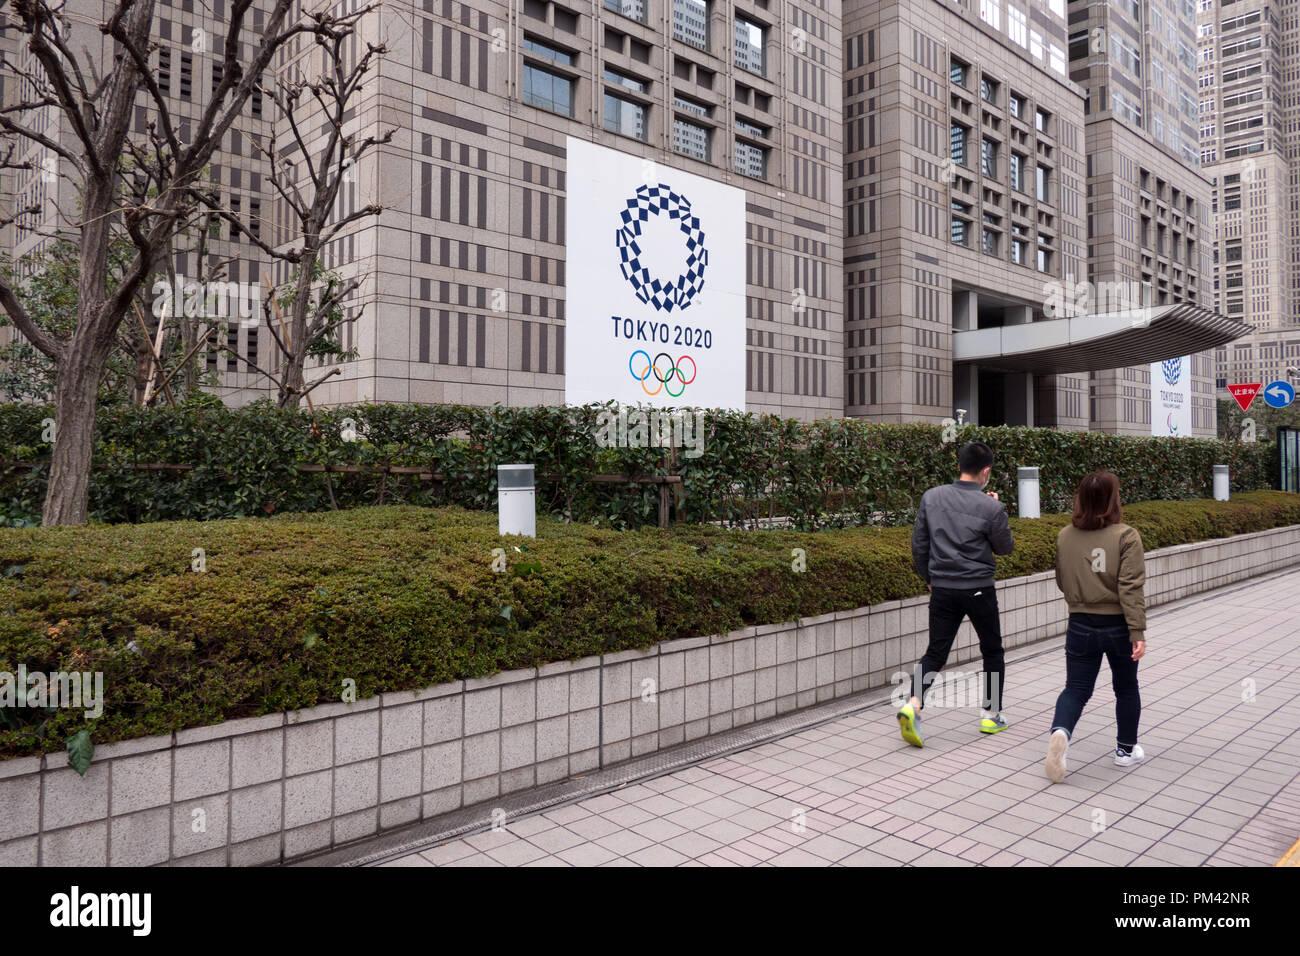 Firmar para los Juegos Olímpicos de Verano de Tokio 2020, los juegos de la XXXII Olimpiada, en un edificio en Tokio, Japón, Asia Foto de stock